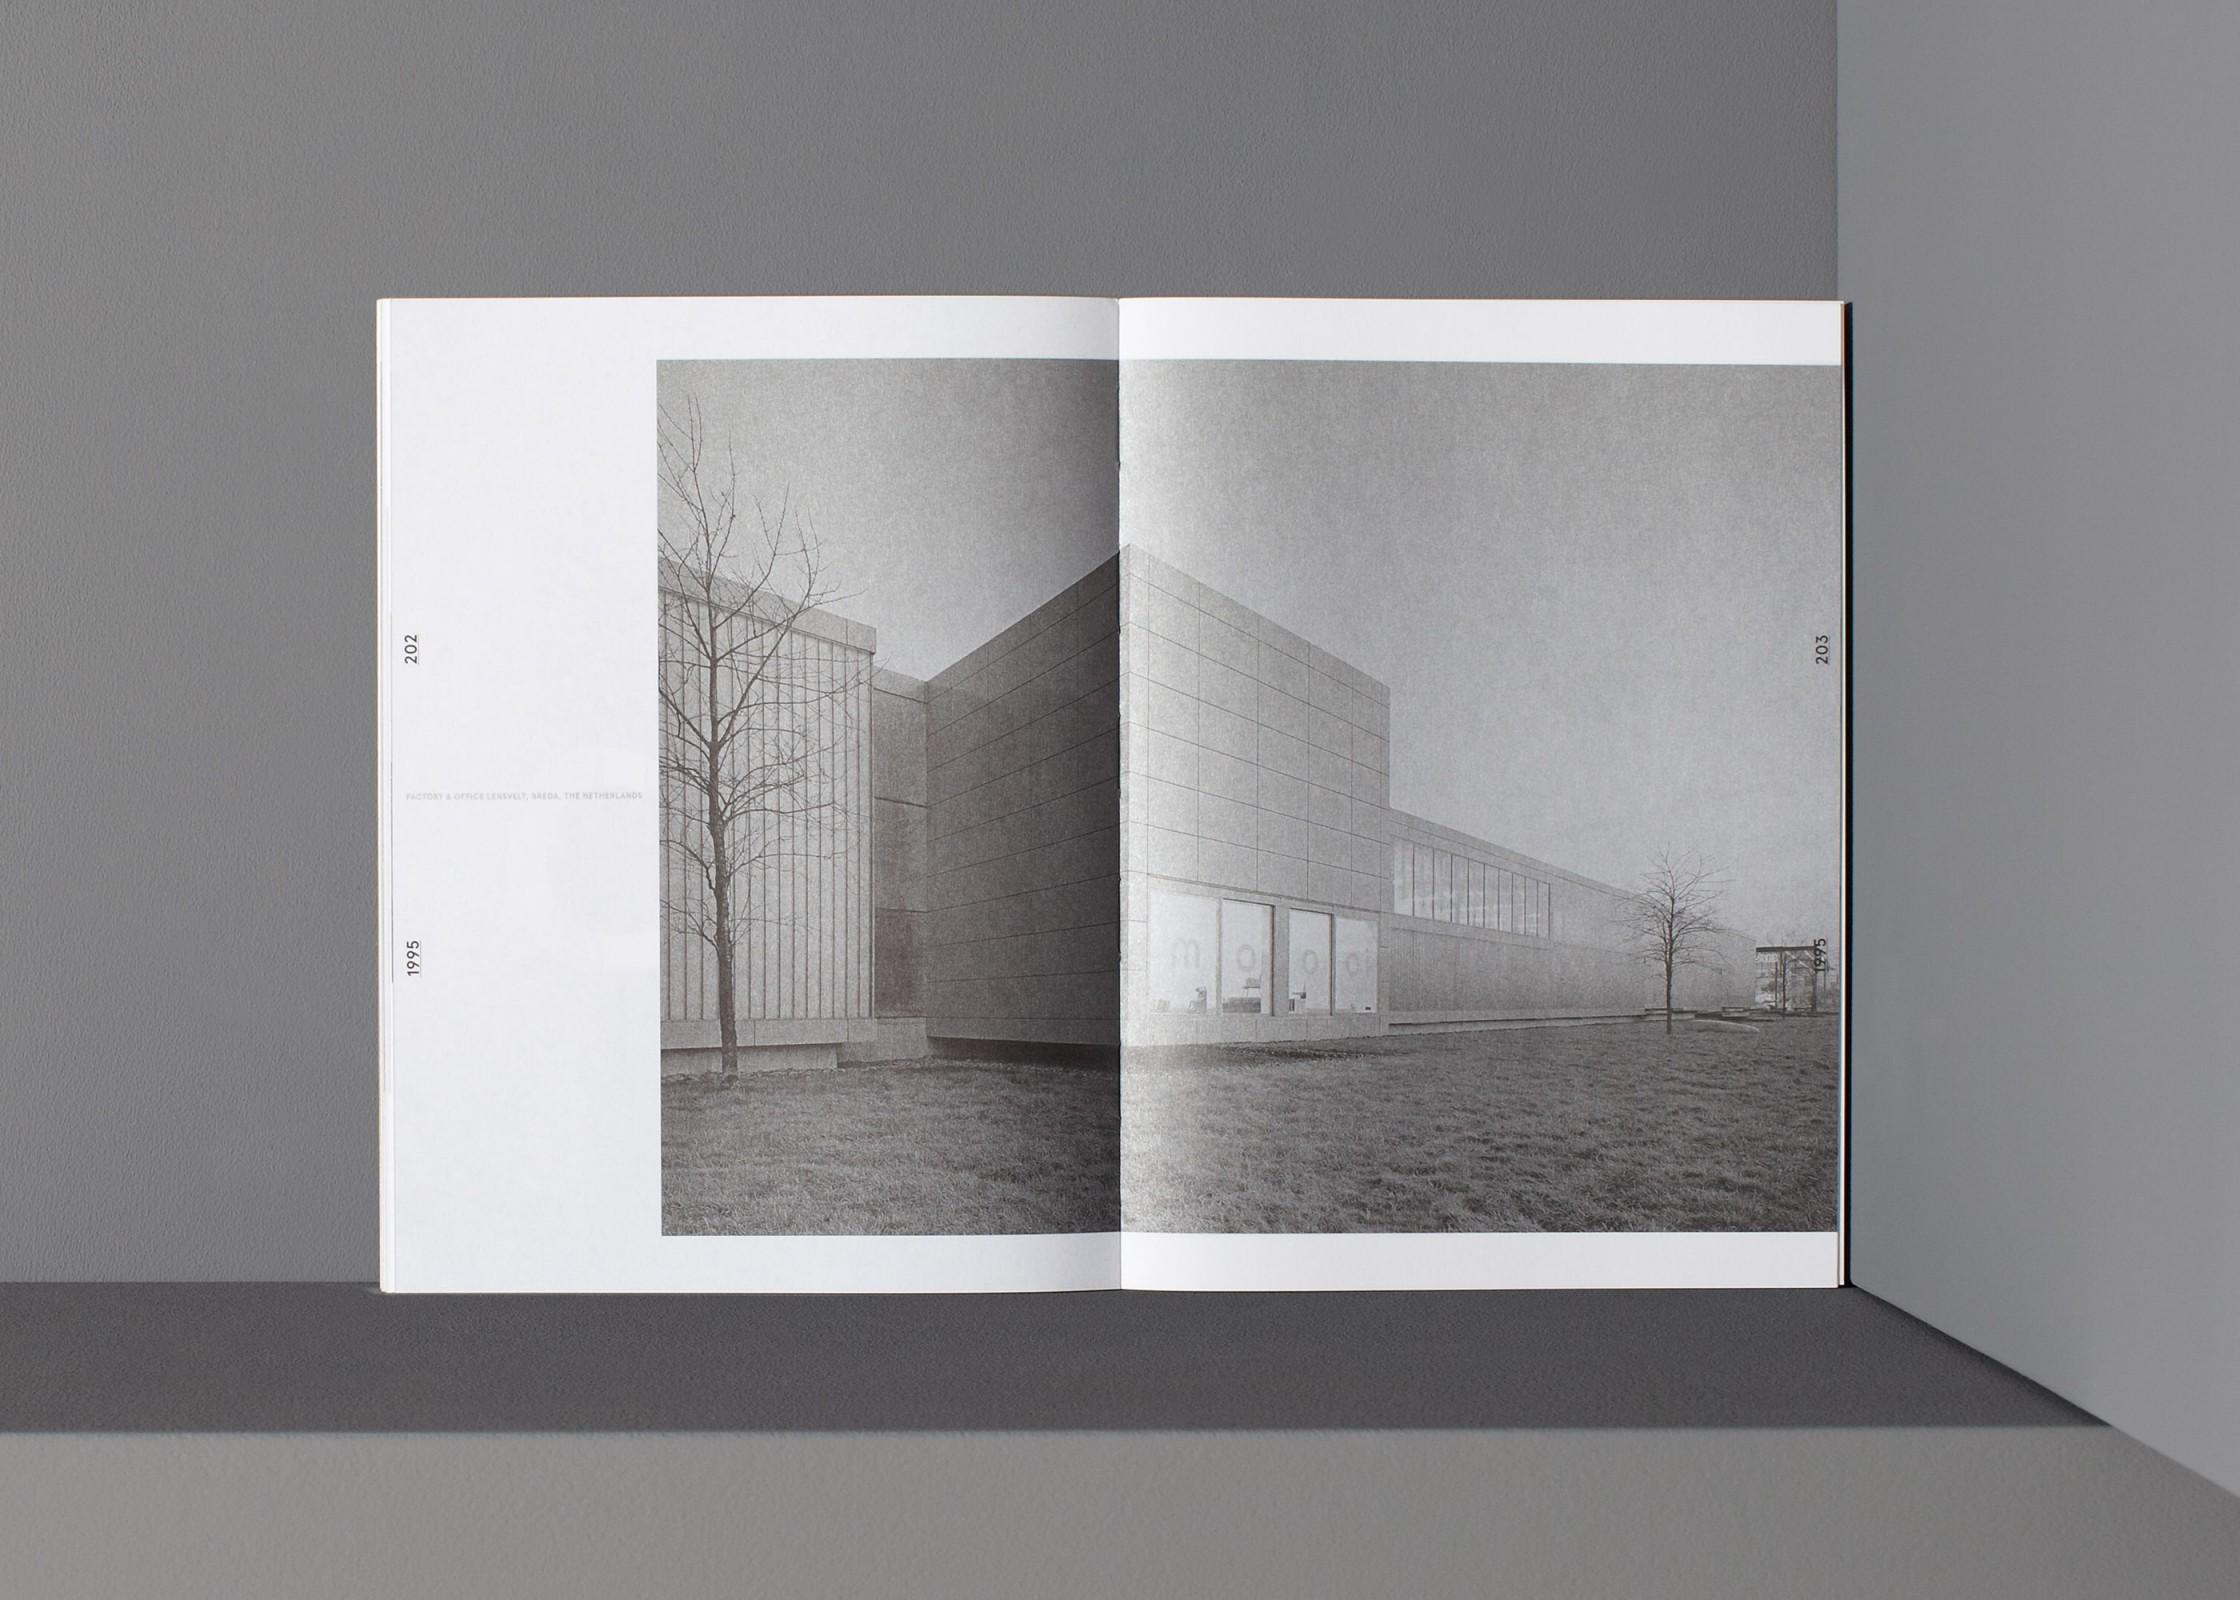 Wiel Arets / Mainstudio